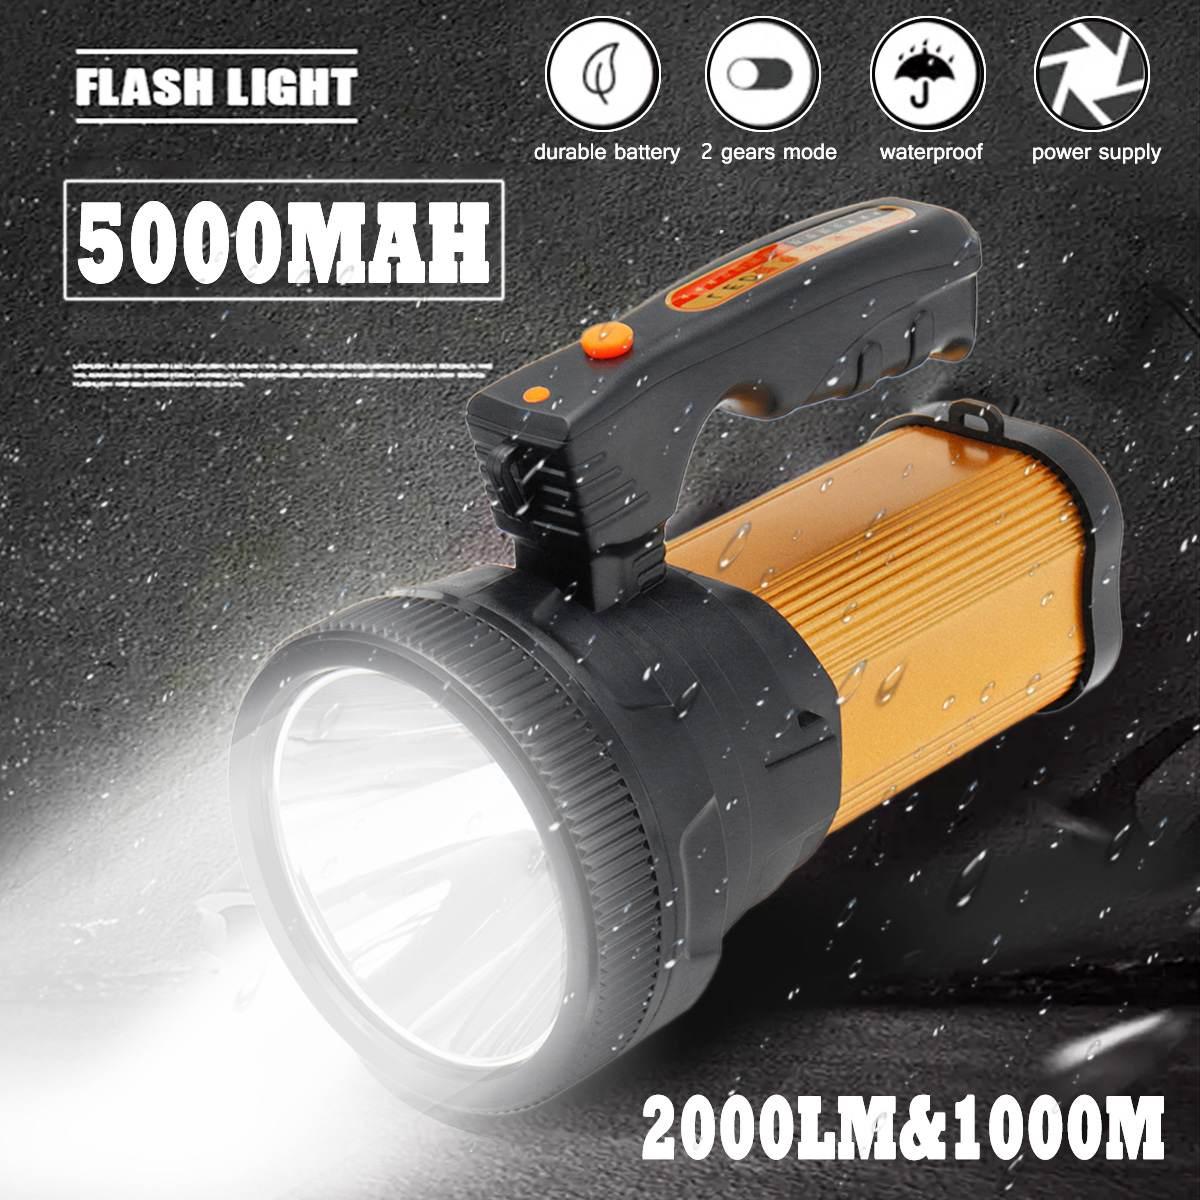 80 W 2000LM USB Mão Recarregável Lanterna Tocha Portátil LEVOU Luz Trabalho Lâmpada de Inspeção Para O Reparo Do Carro Barraca de Acampamento lanterna